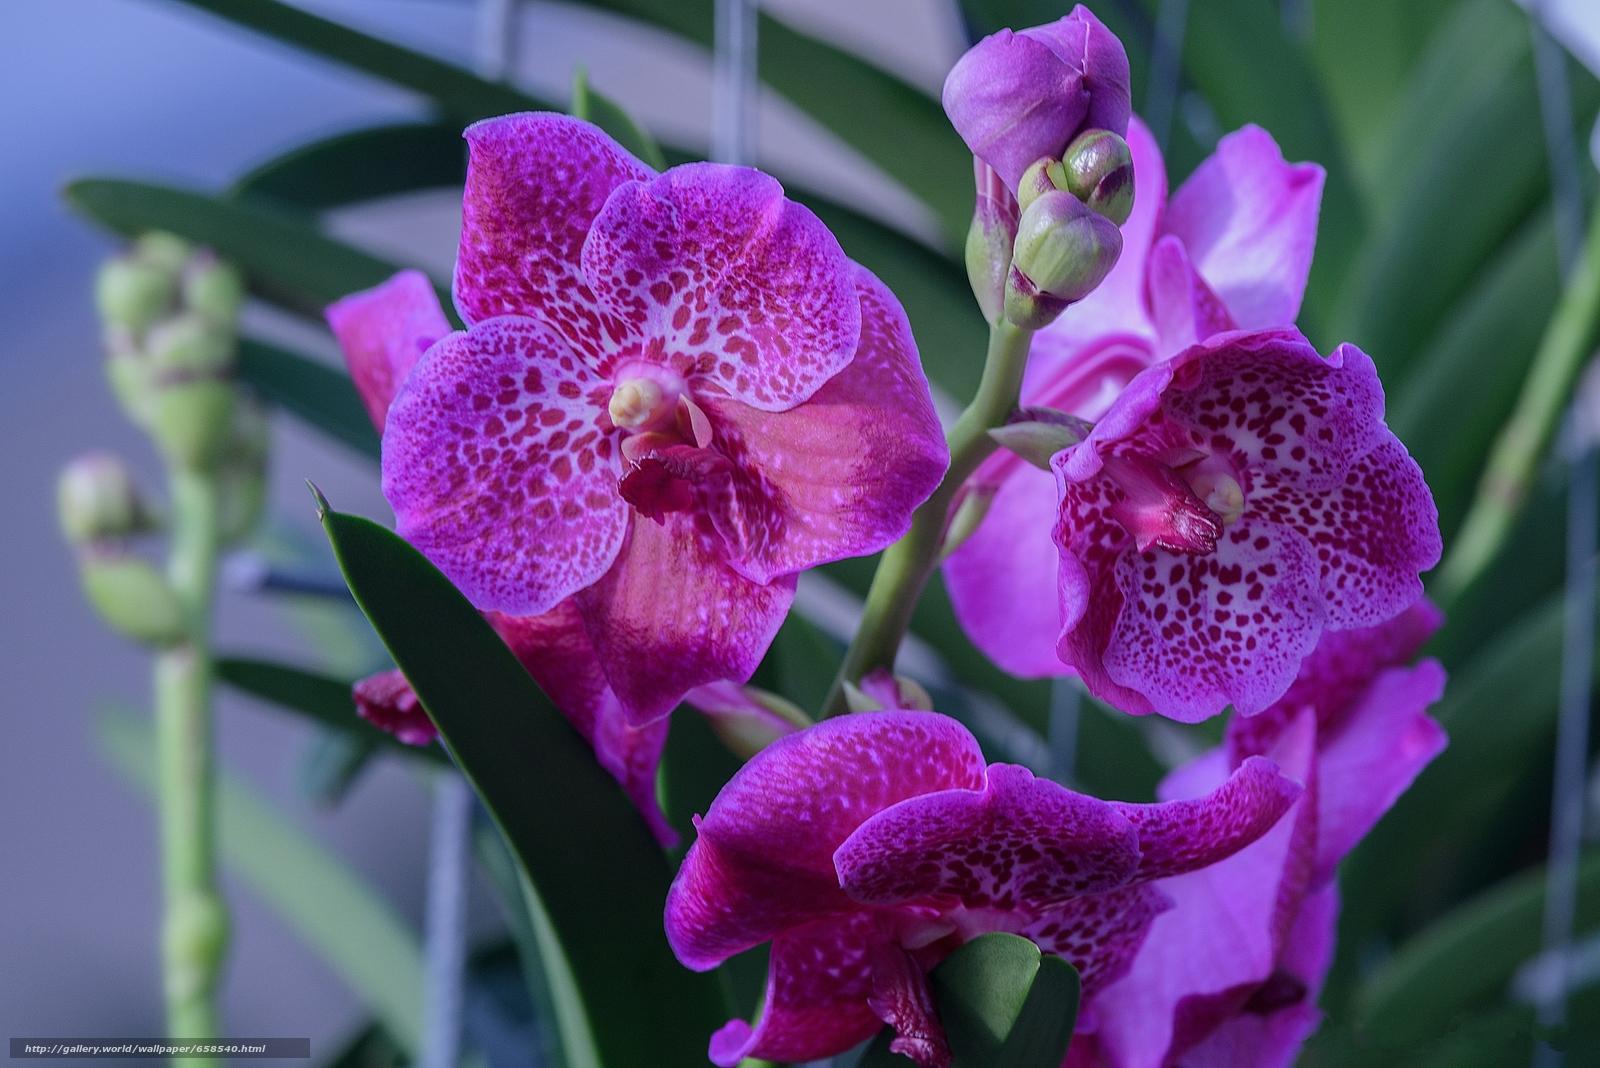 Скачать обои цветок,  цветы,  флора,  орхидея бесплатно для рабочего стола в разрешении 2048x1367 — картинка №658540